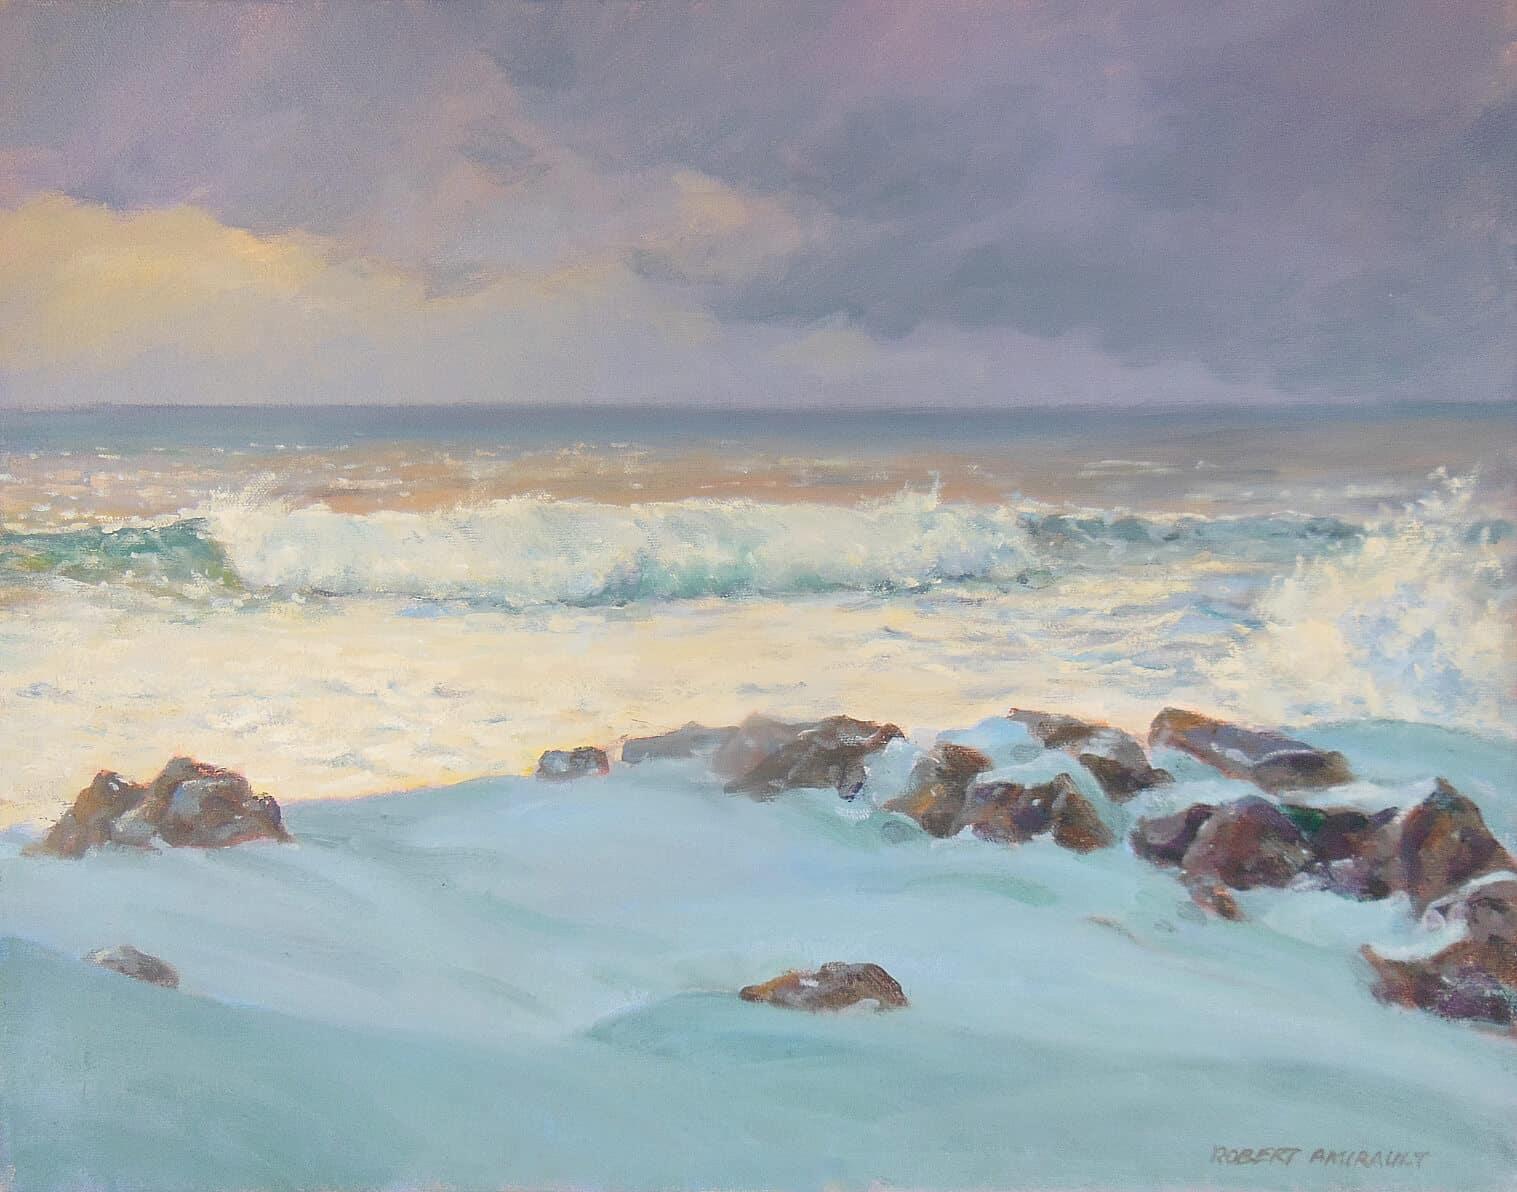 Robert Amirault Winter Ocean 16x20